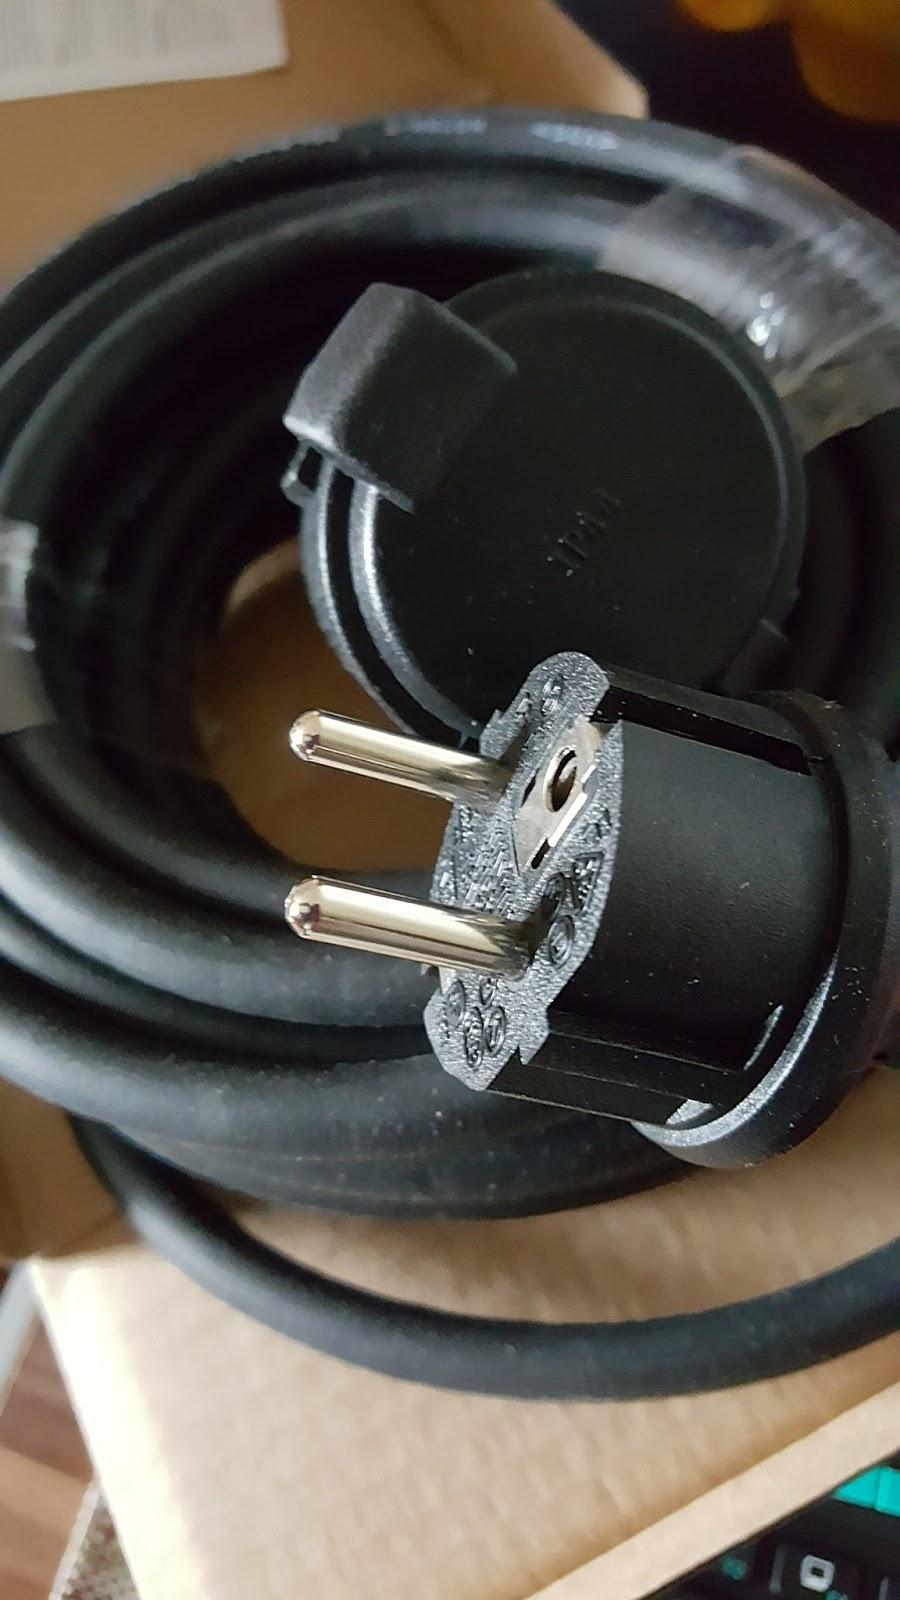 lahr2006 testet simbr verl ngerungskabel gummi kabel f r. Black Bedroom Furniture Sets. Home Design Ideas